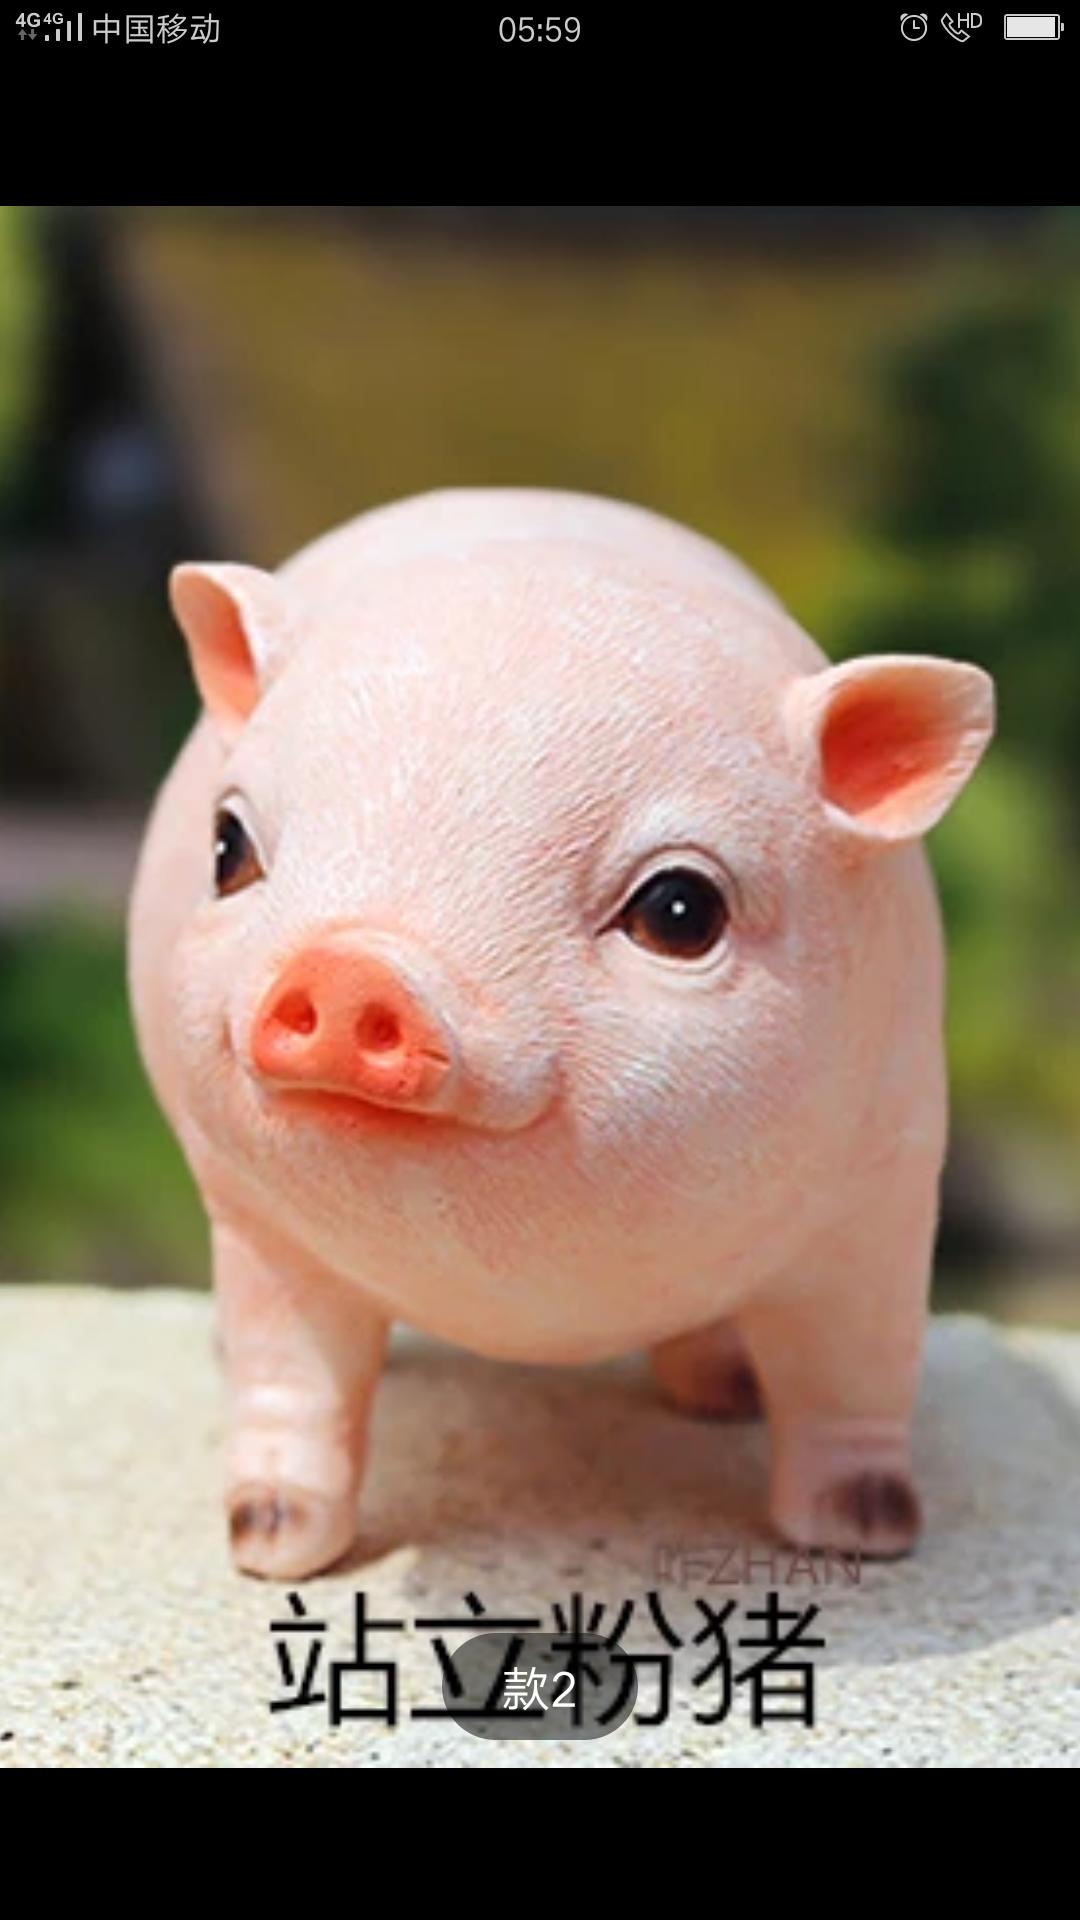 买了一个小猪猪,好可爱像真的一样